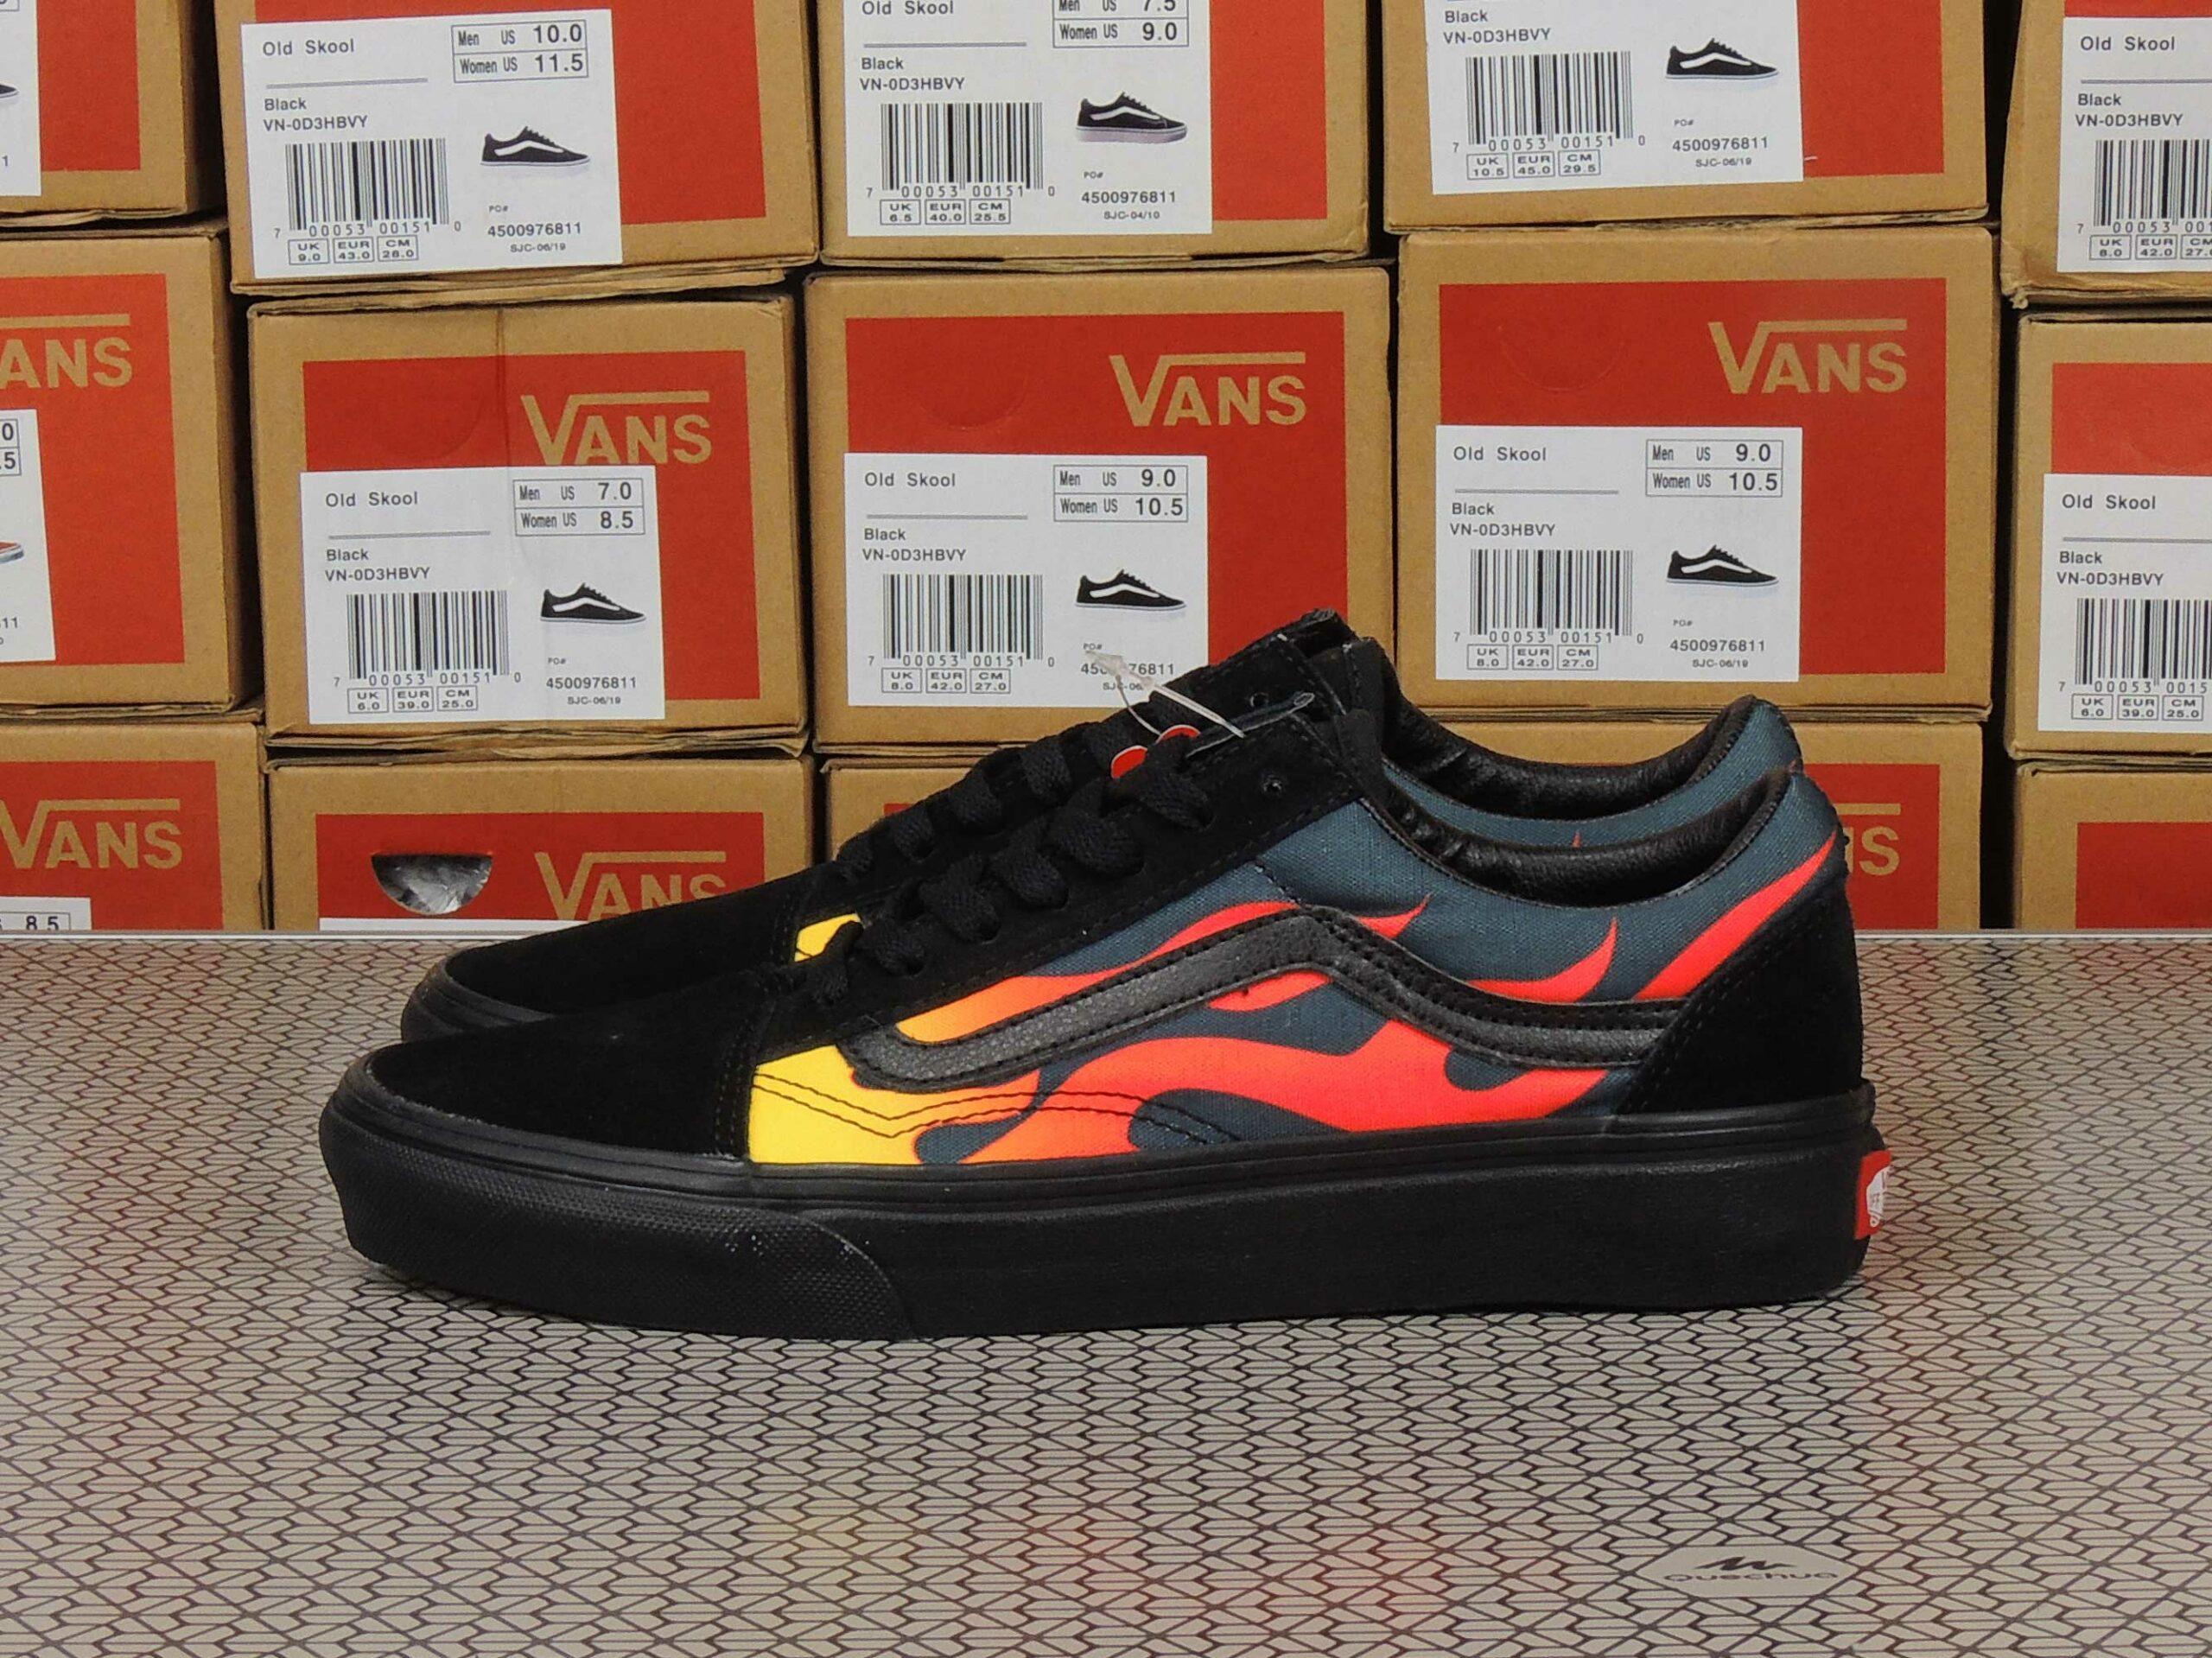 vans old skool black yellow flame